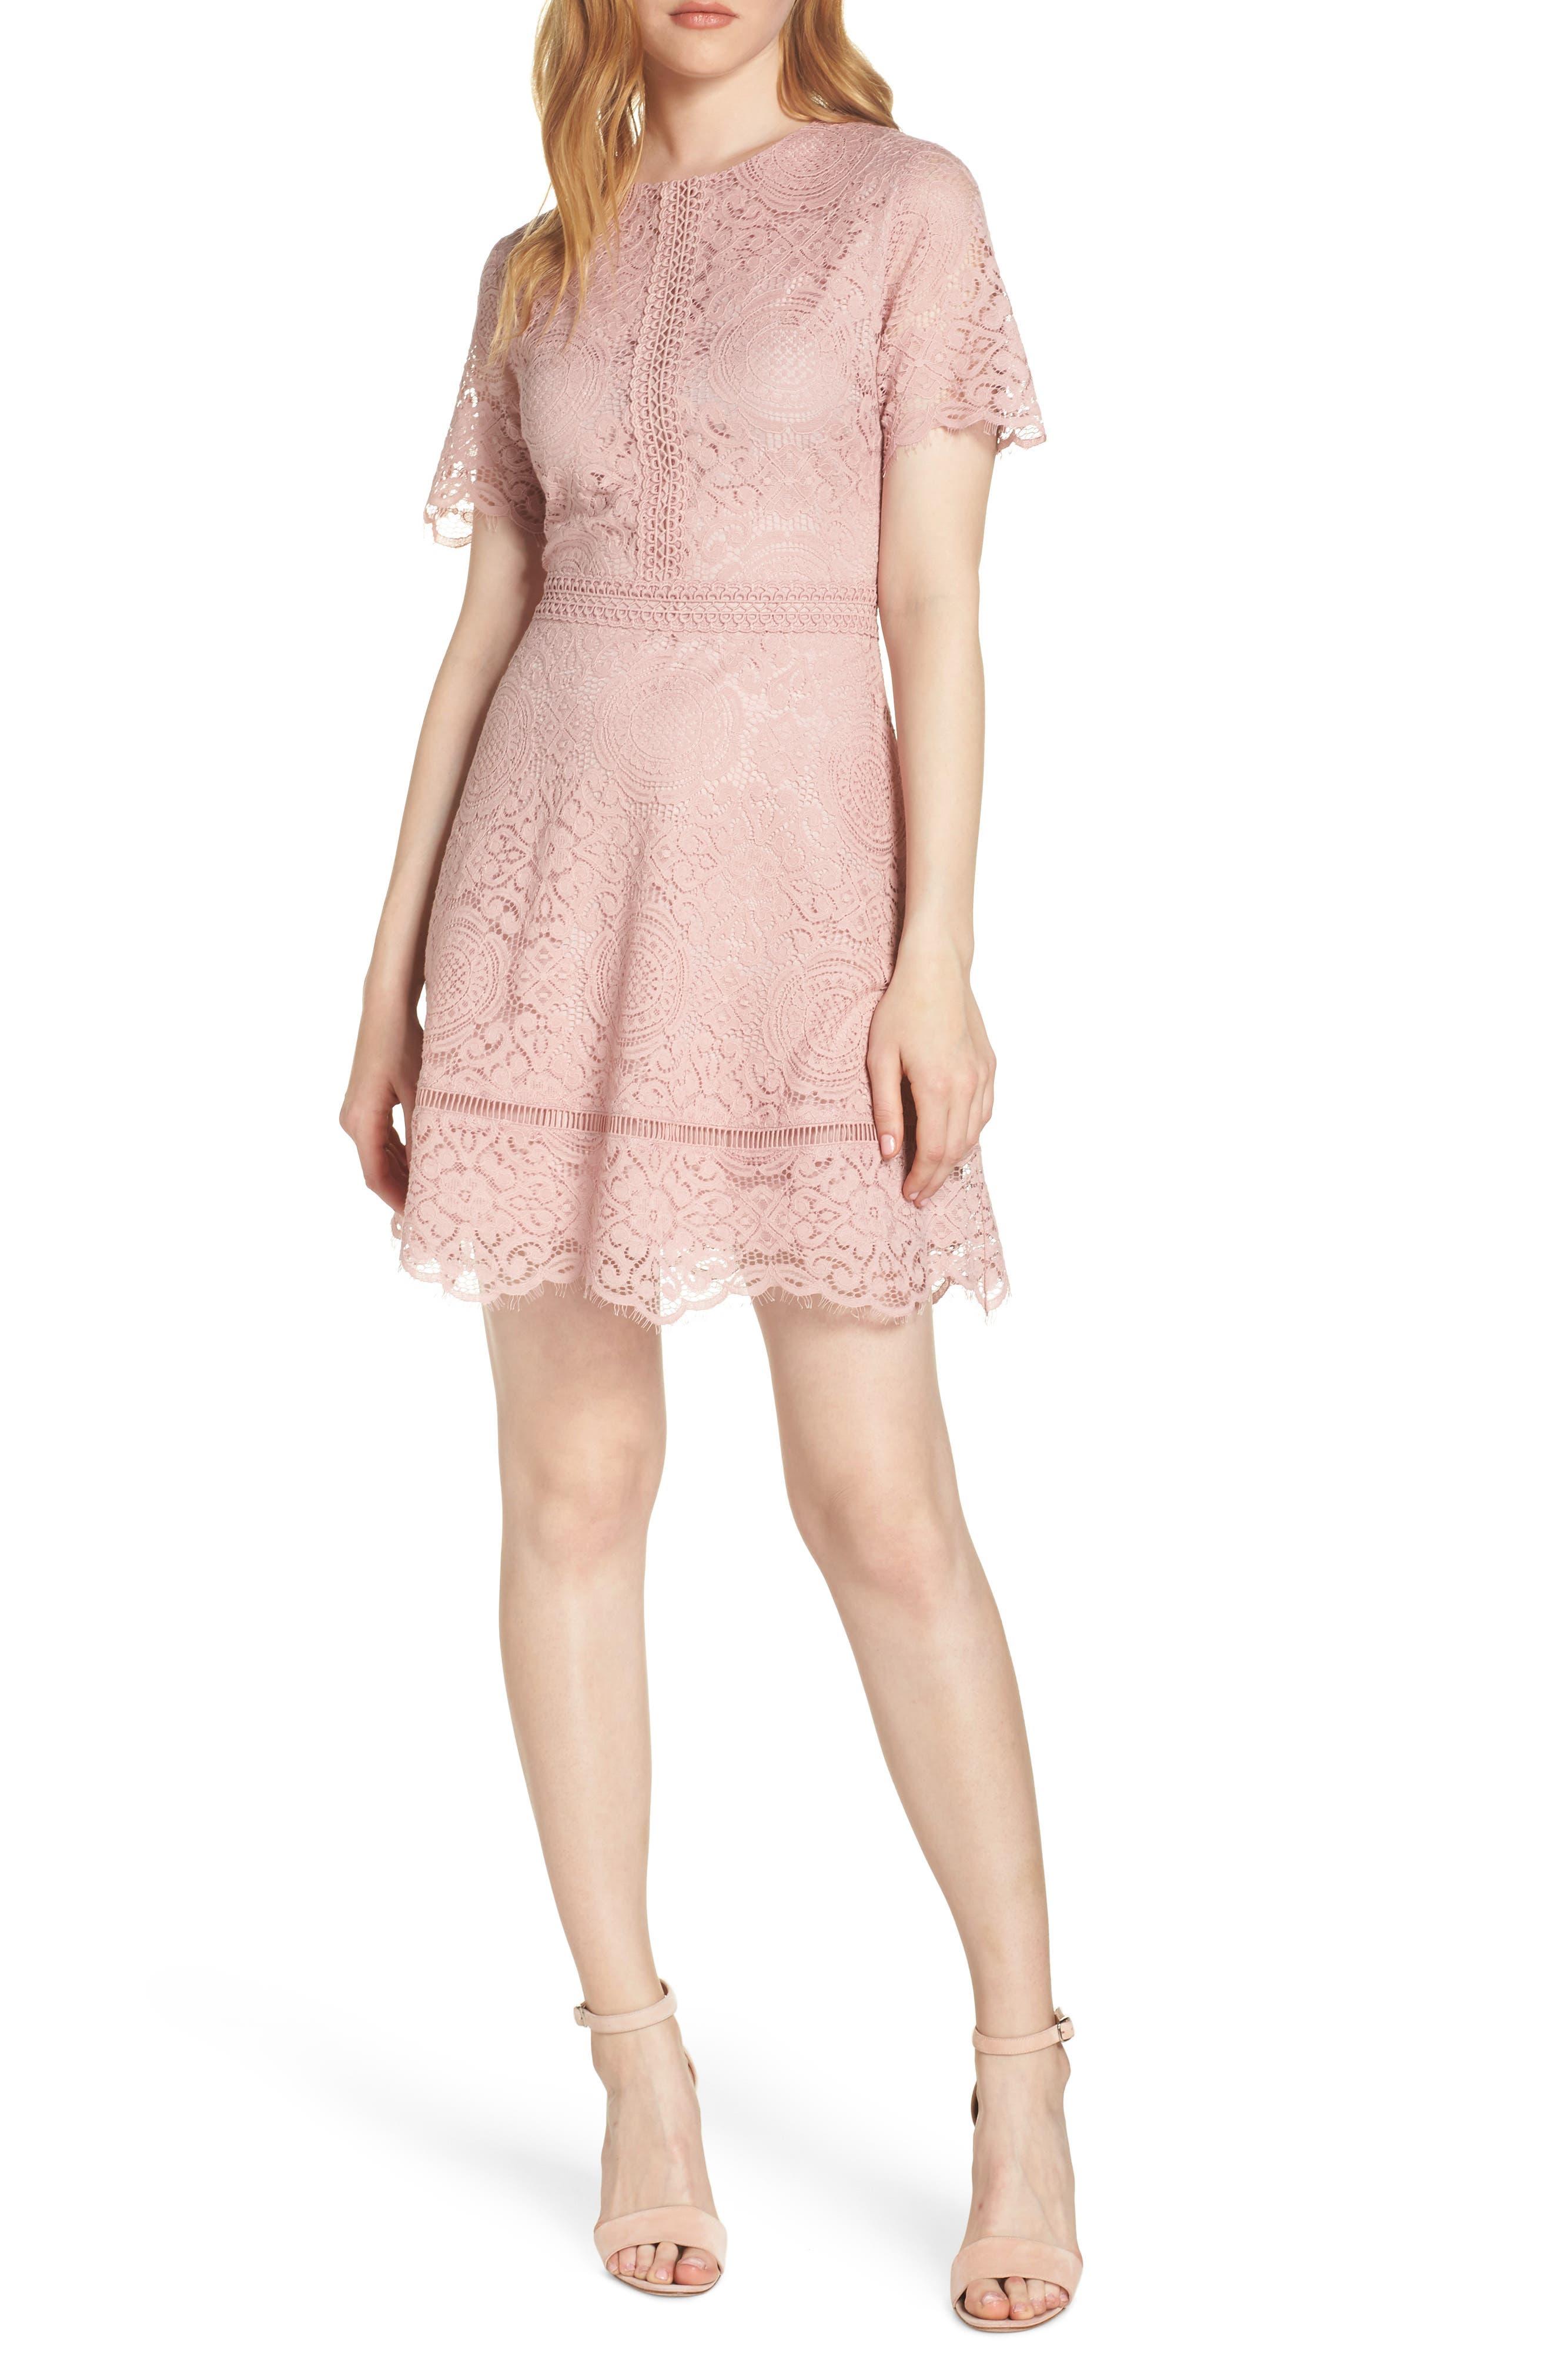 Bb Dakota Scalloped Lace Dress, Pink